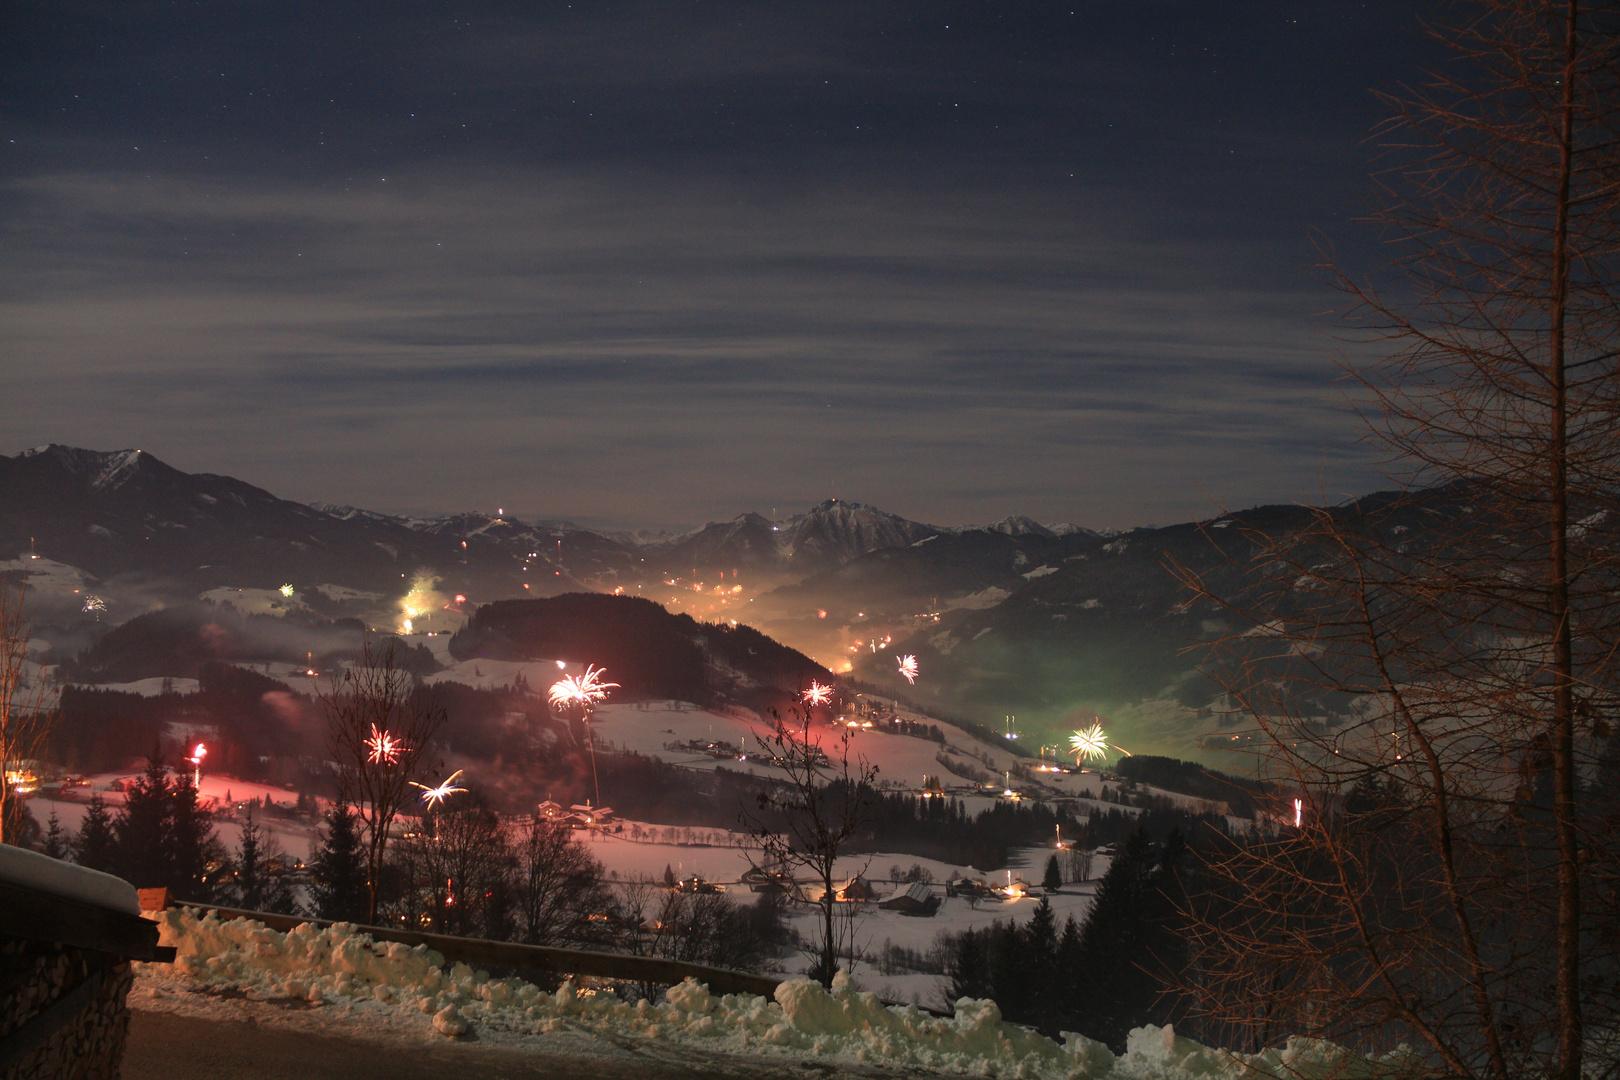 Silvester 2012/13 Nacht